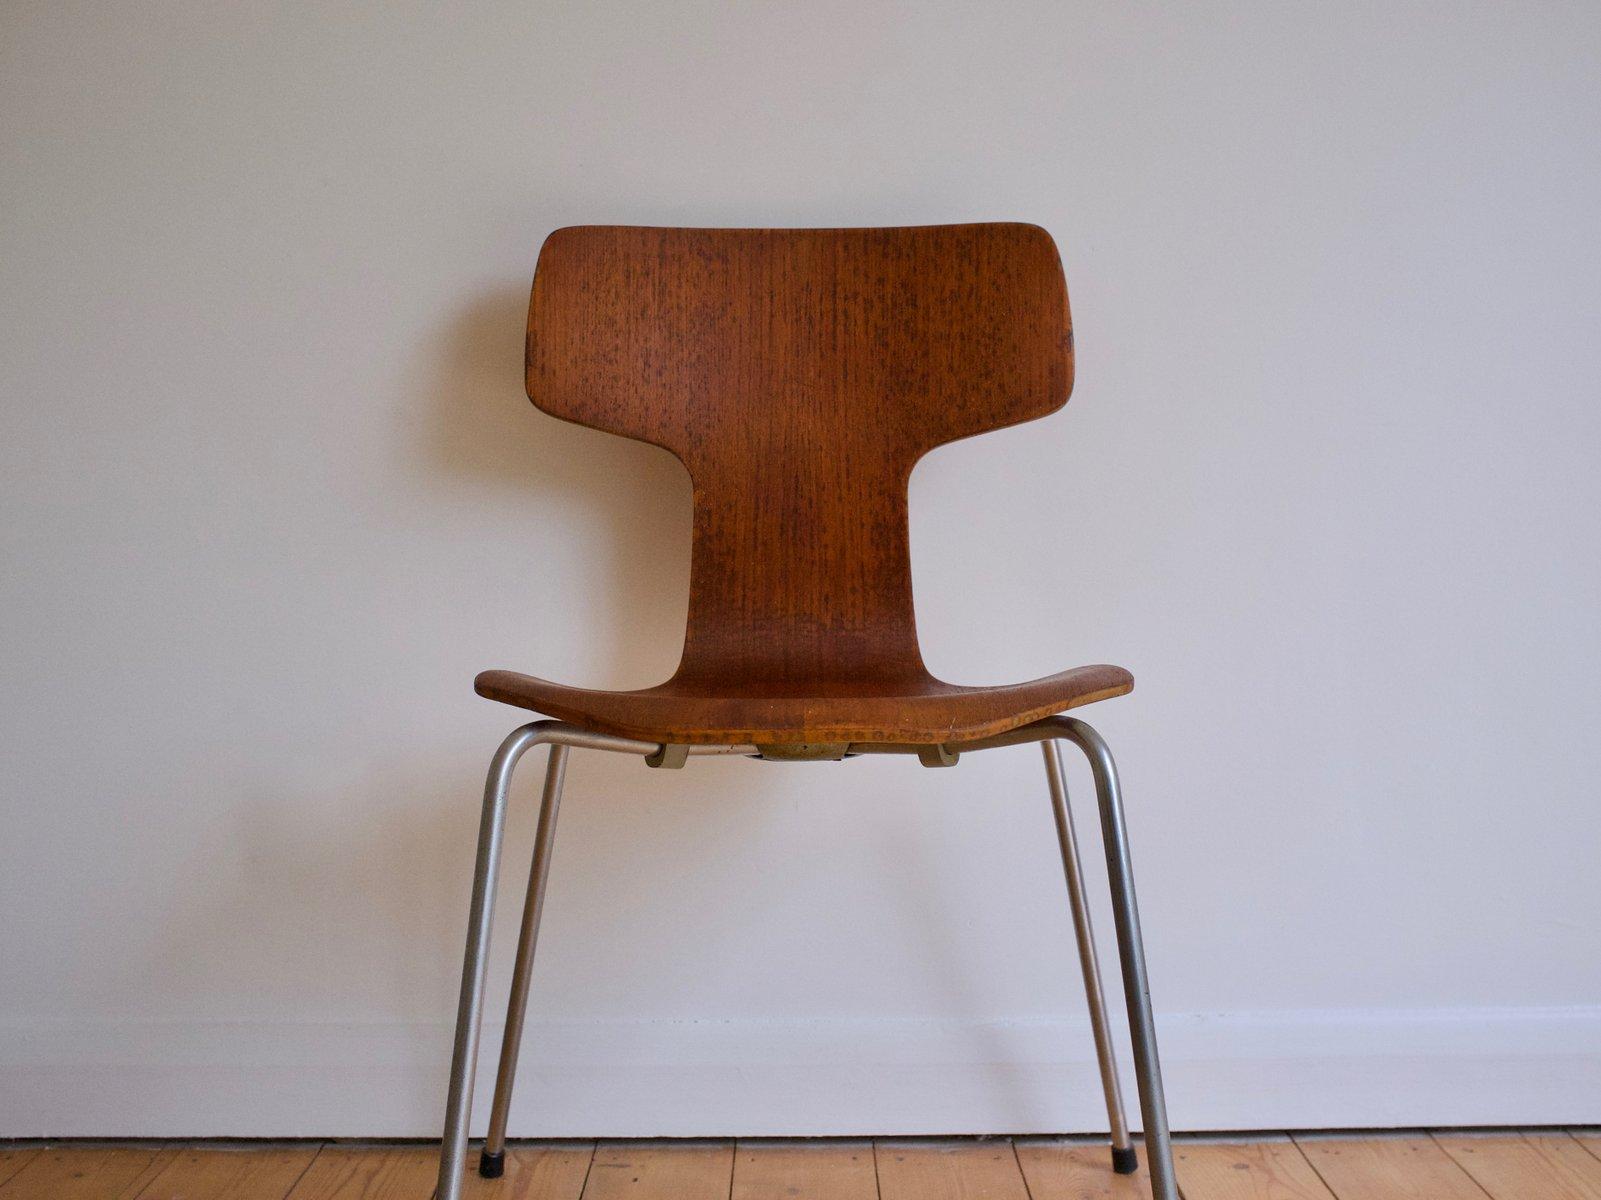 d nischer mid centuryteak modell 3103 hammer stuhl von. Black Bedroom Furniture Sets. Home Design Ideas